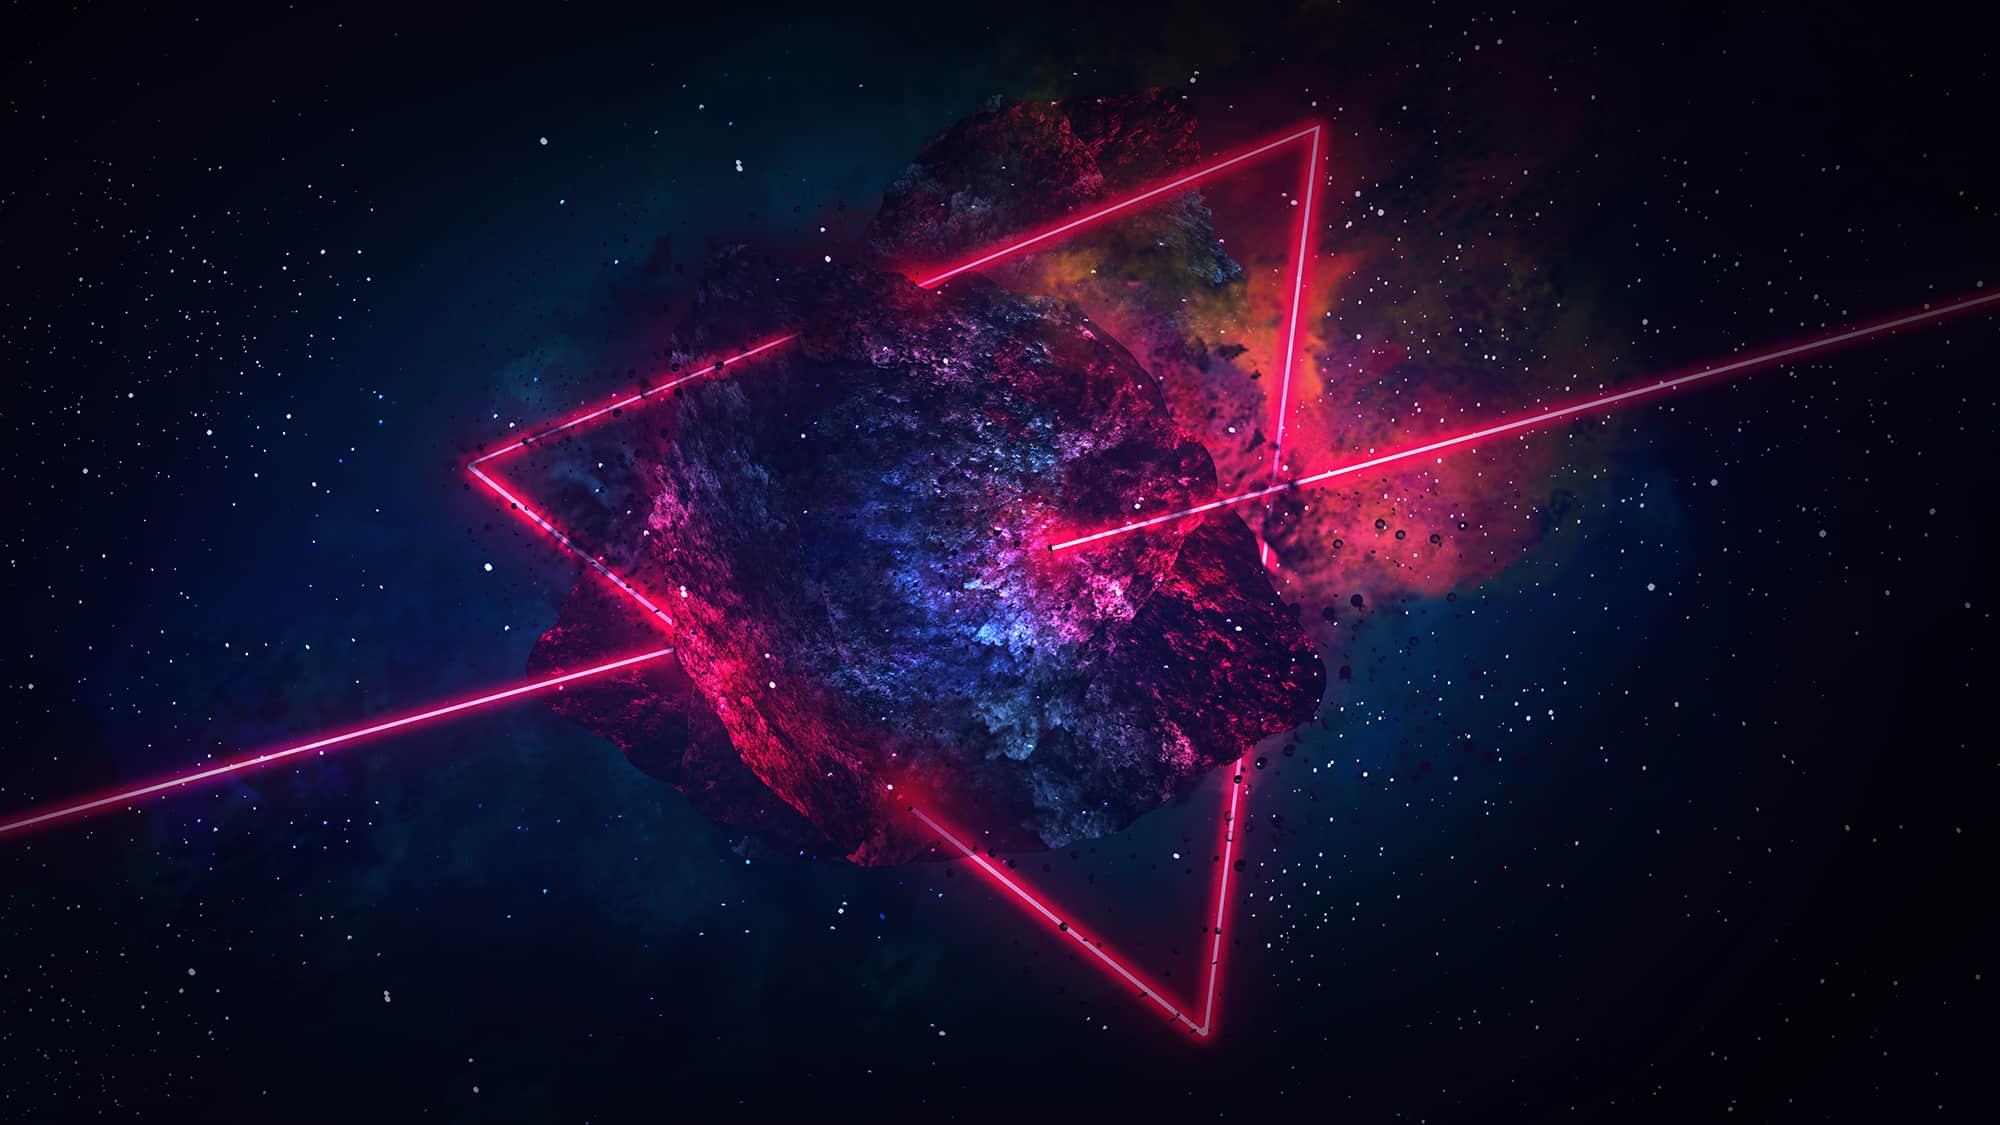 Galaxie abstraite encadrée par un triangle et perforée en son centre